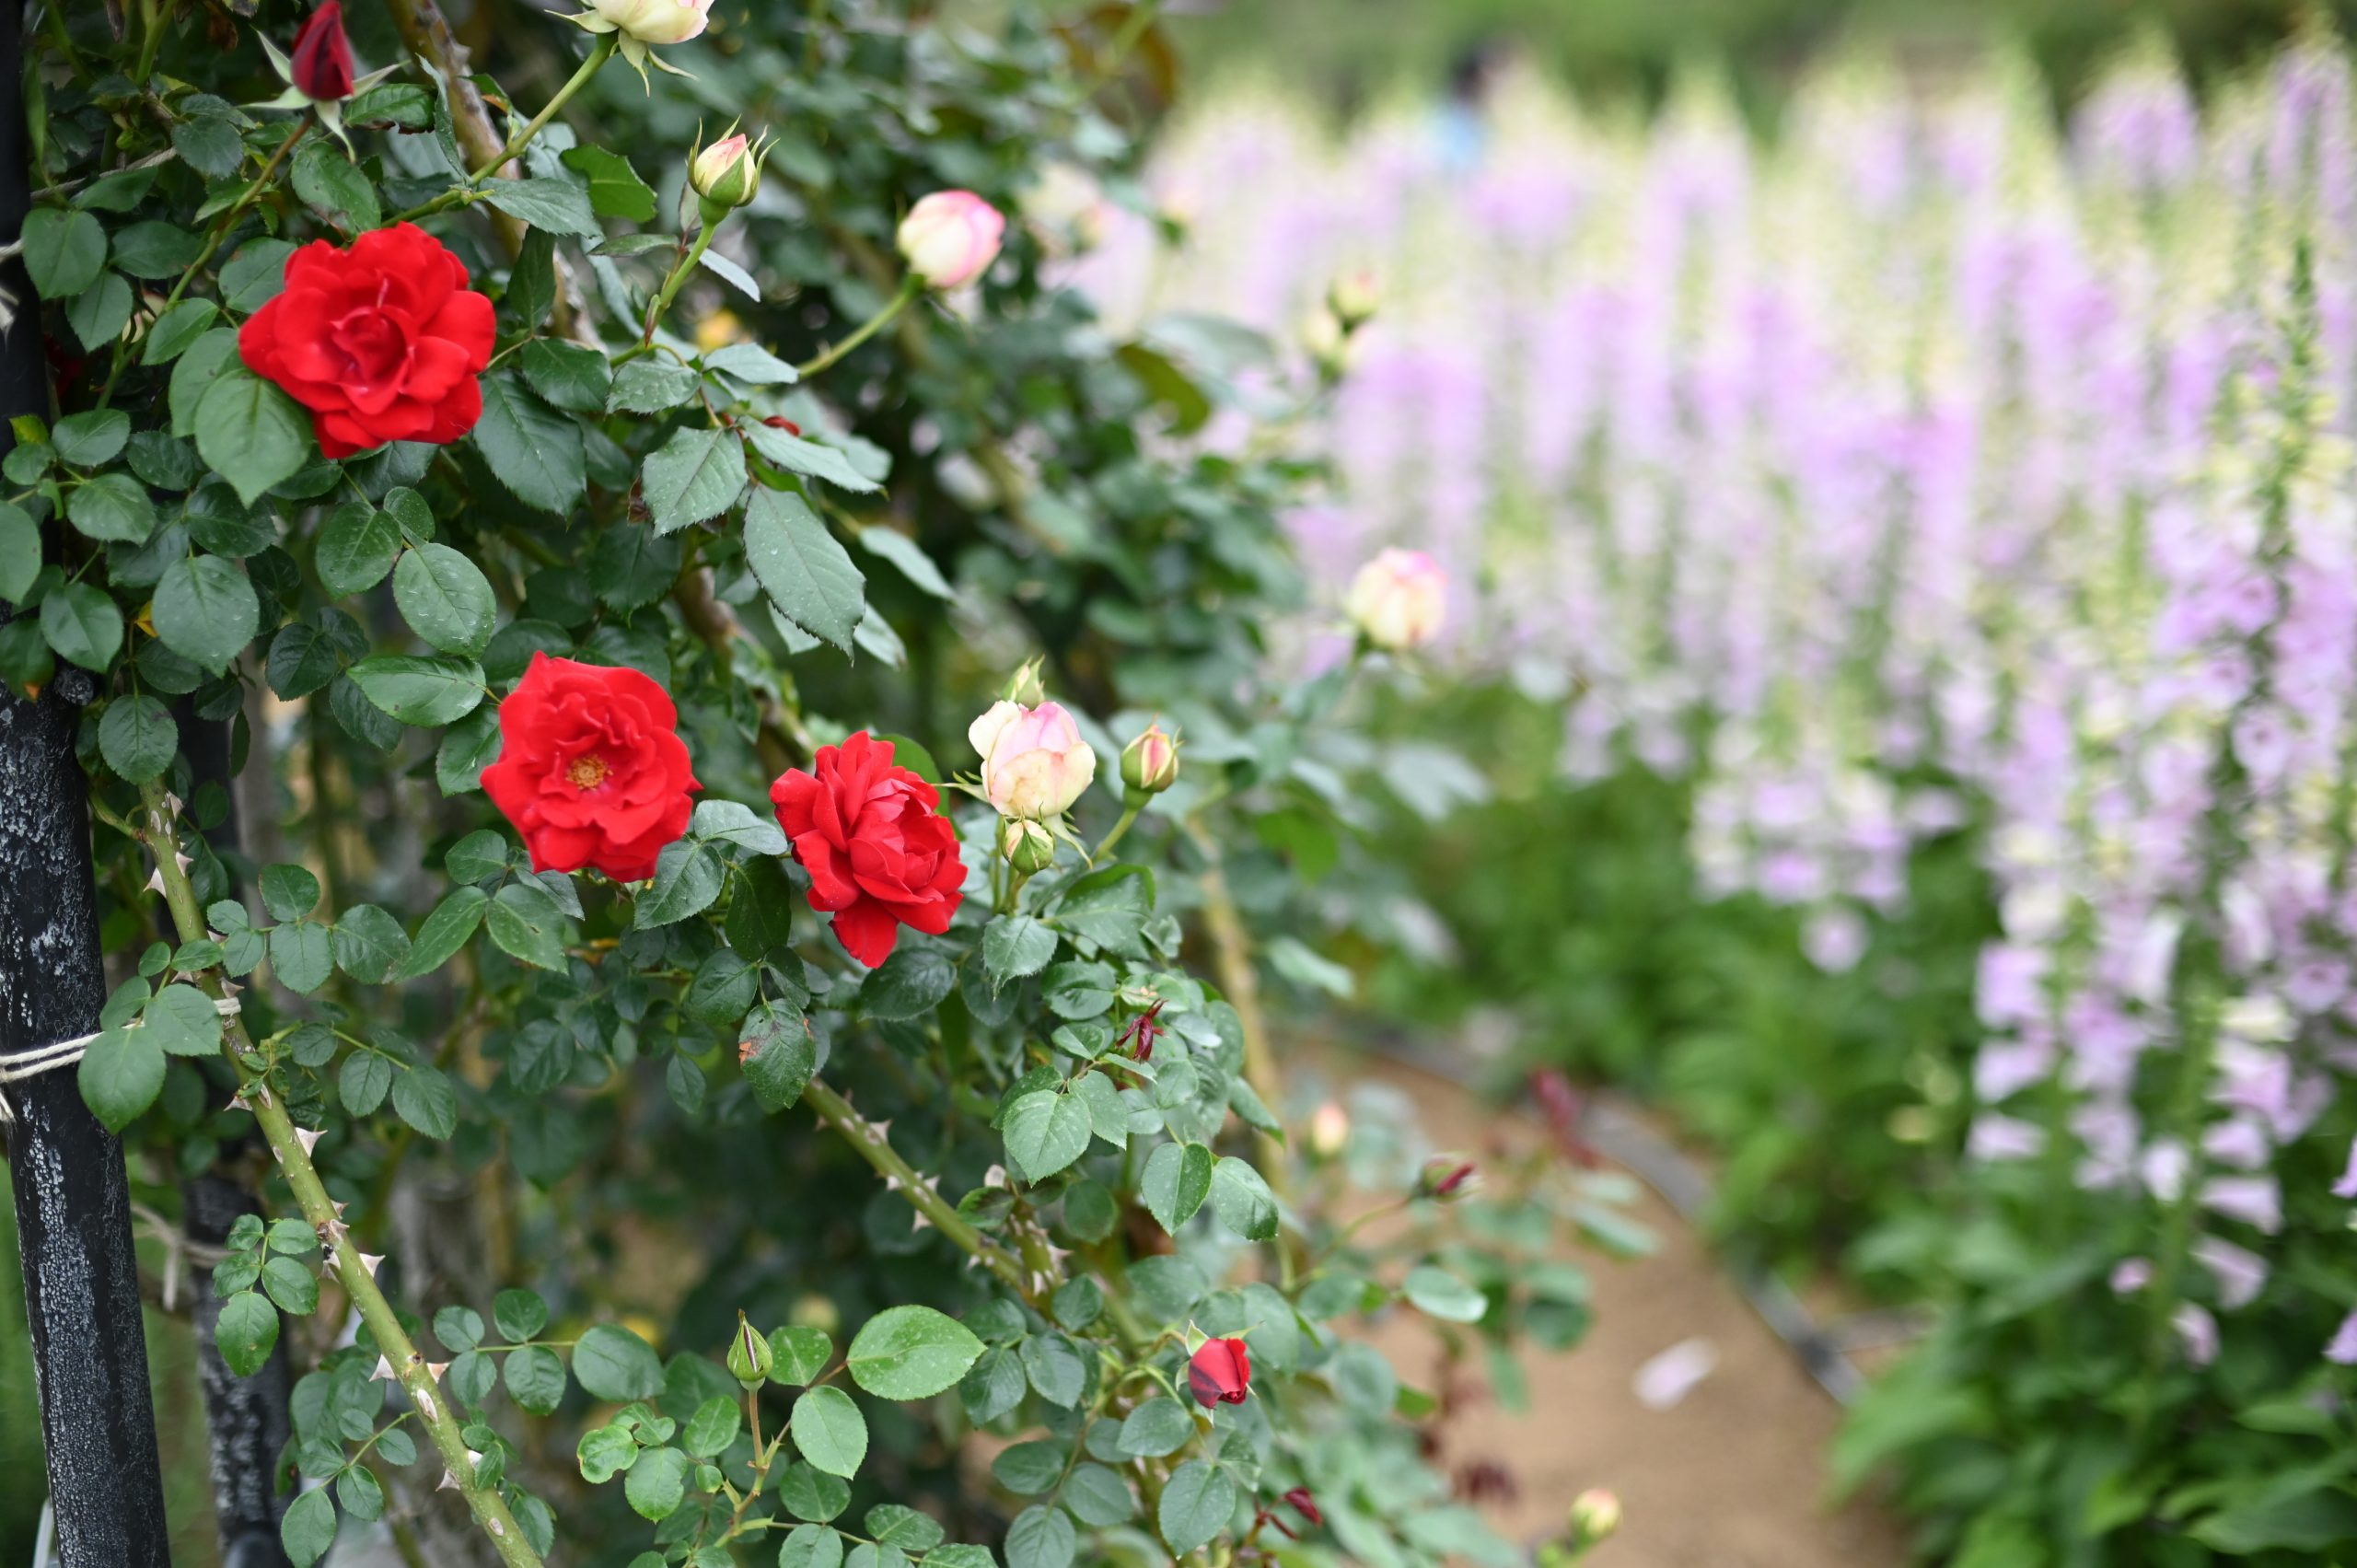 【Nikon】Z6IIにAF 50mm1.4Dの組み合わせでバラを撮りたい